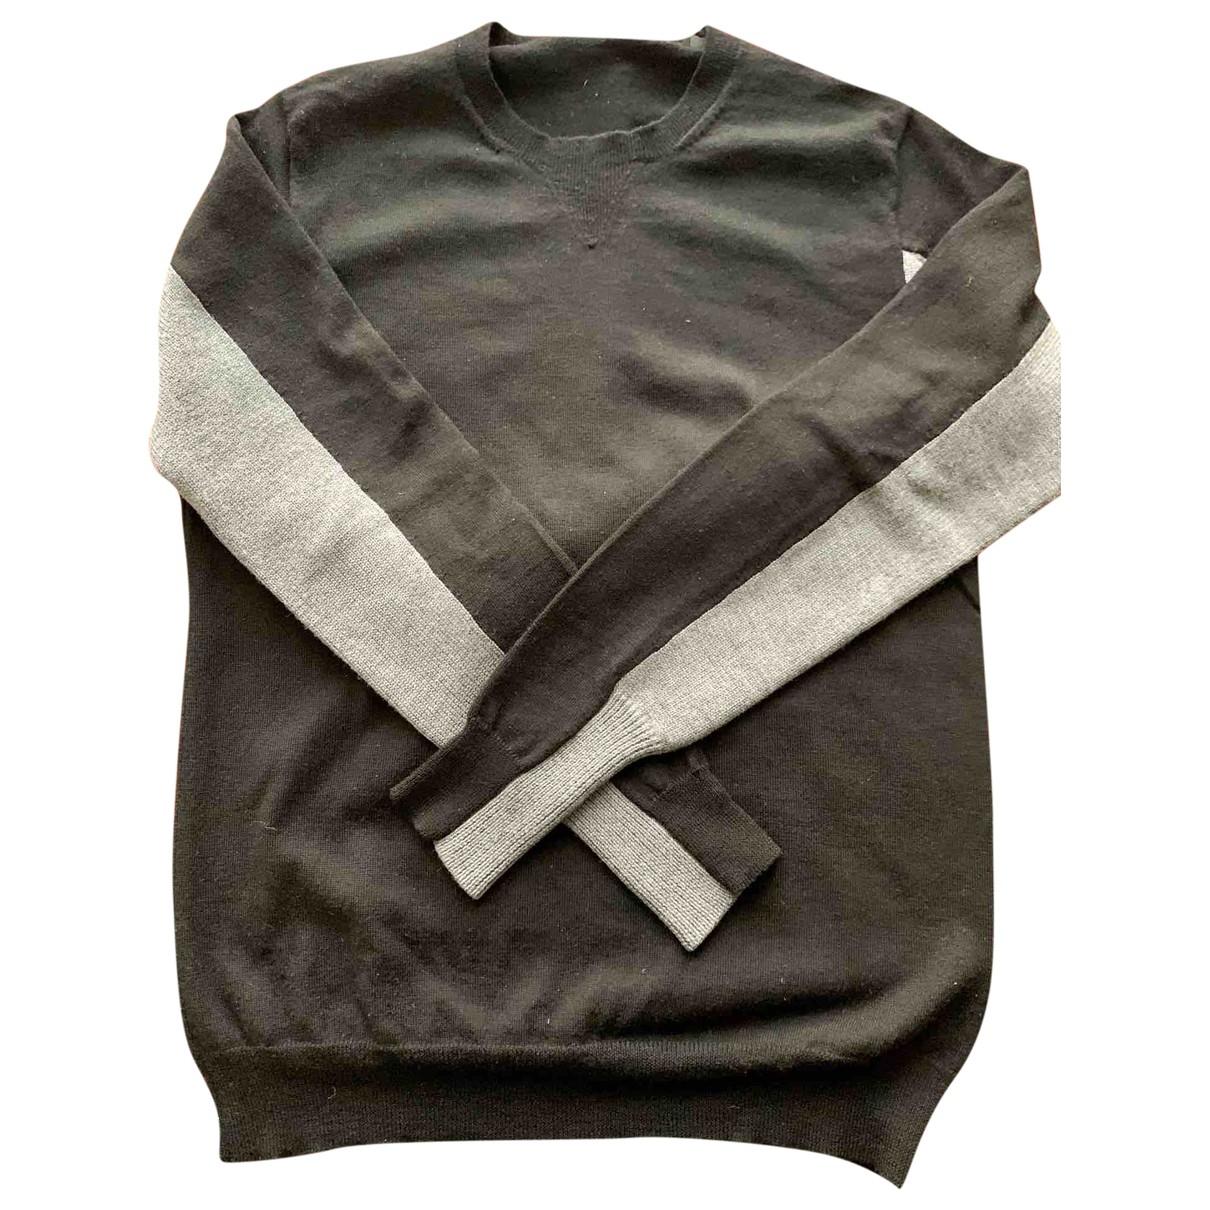 Paul Smith \N Black Wool Knitwear & Sweatshirts for Men S International